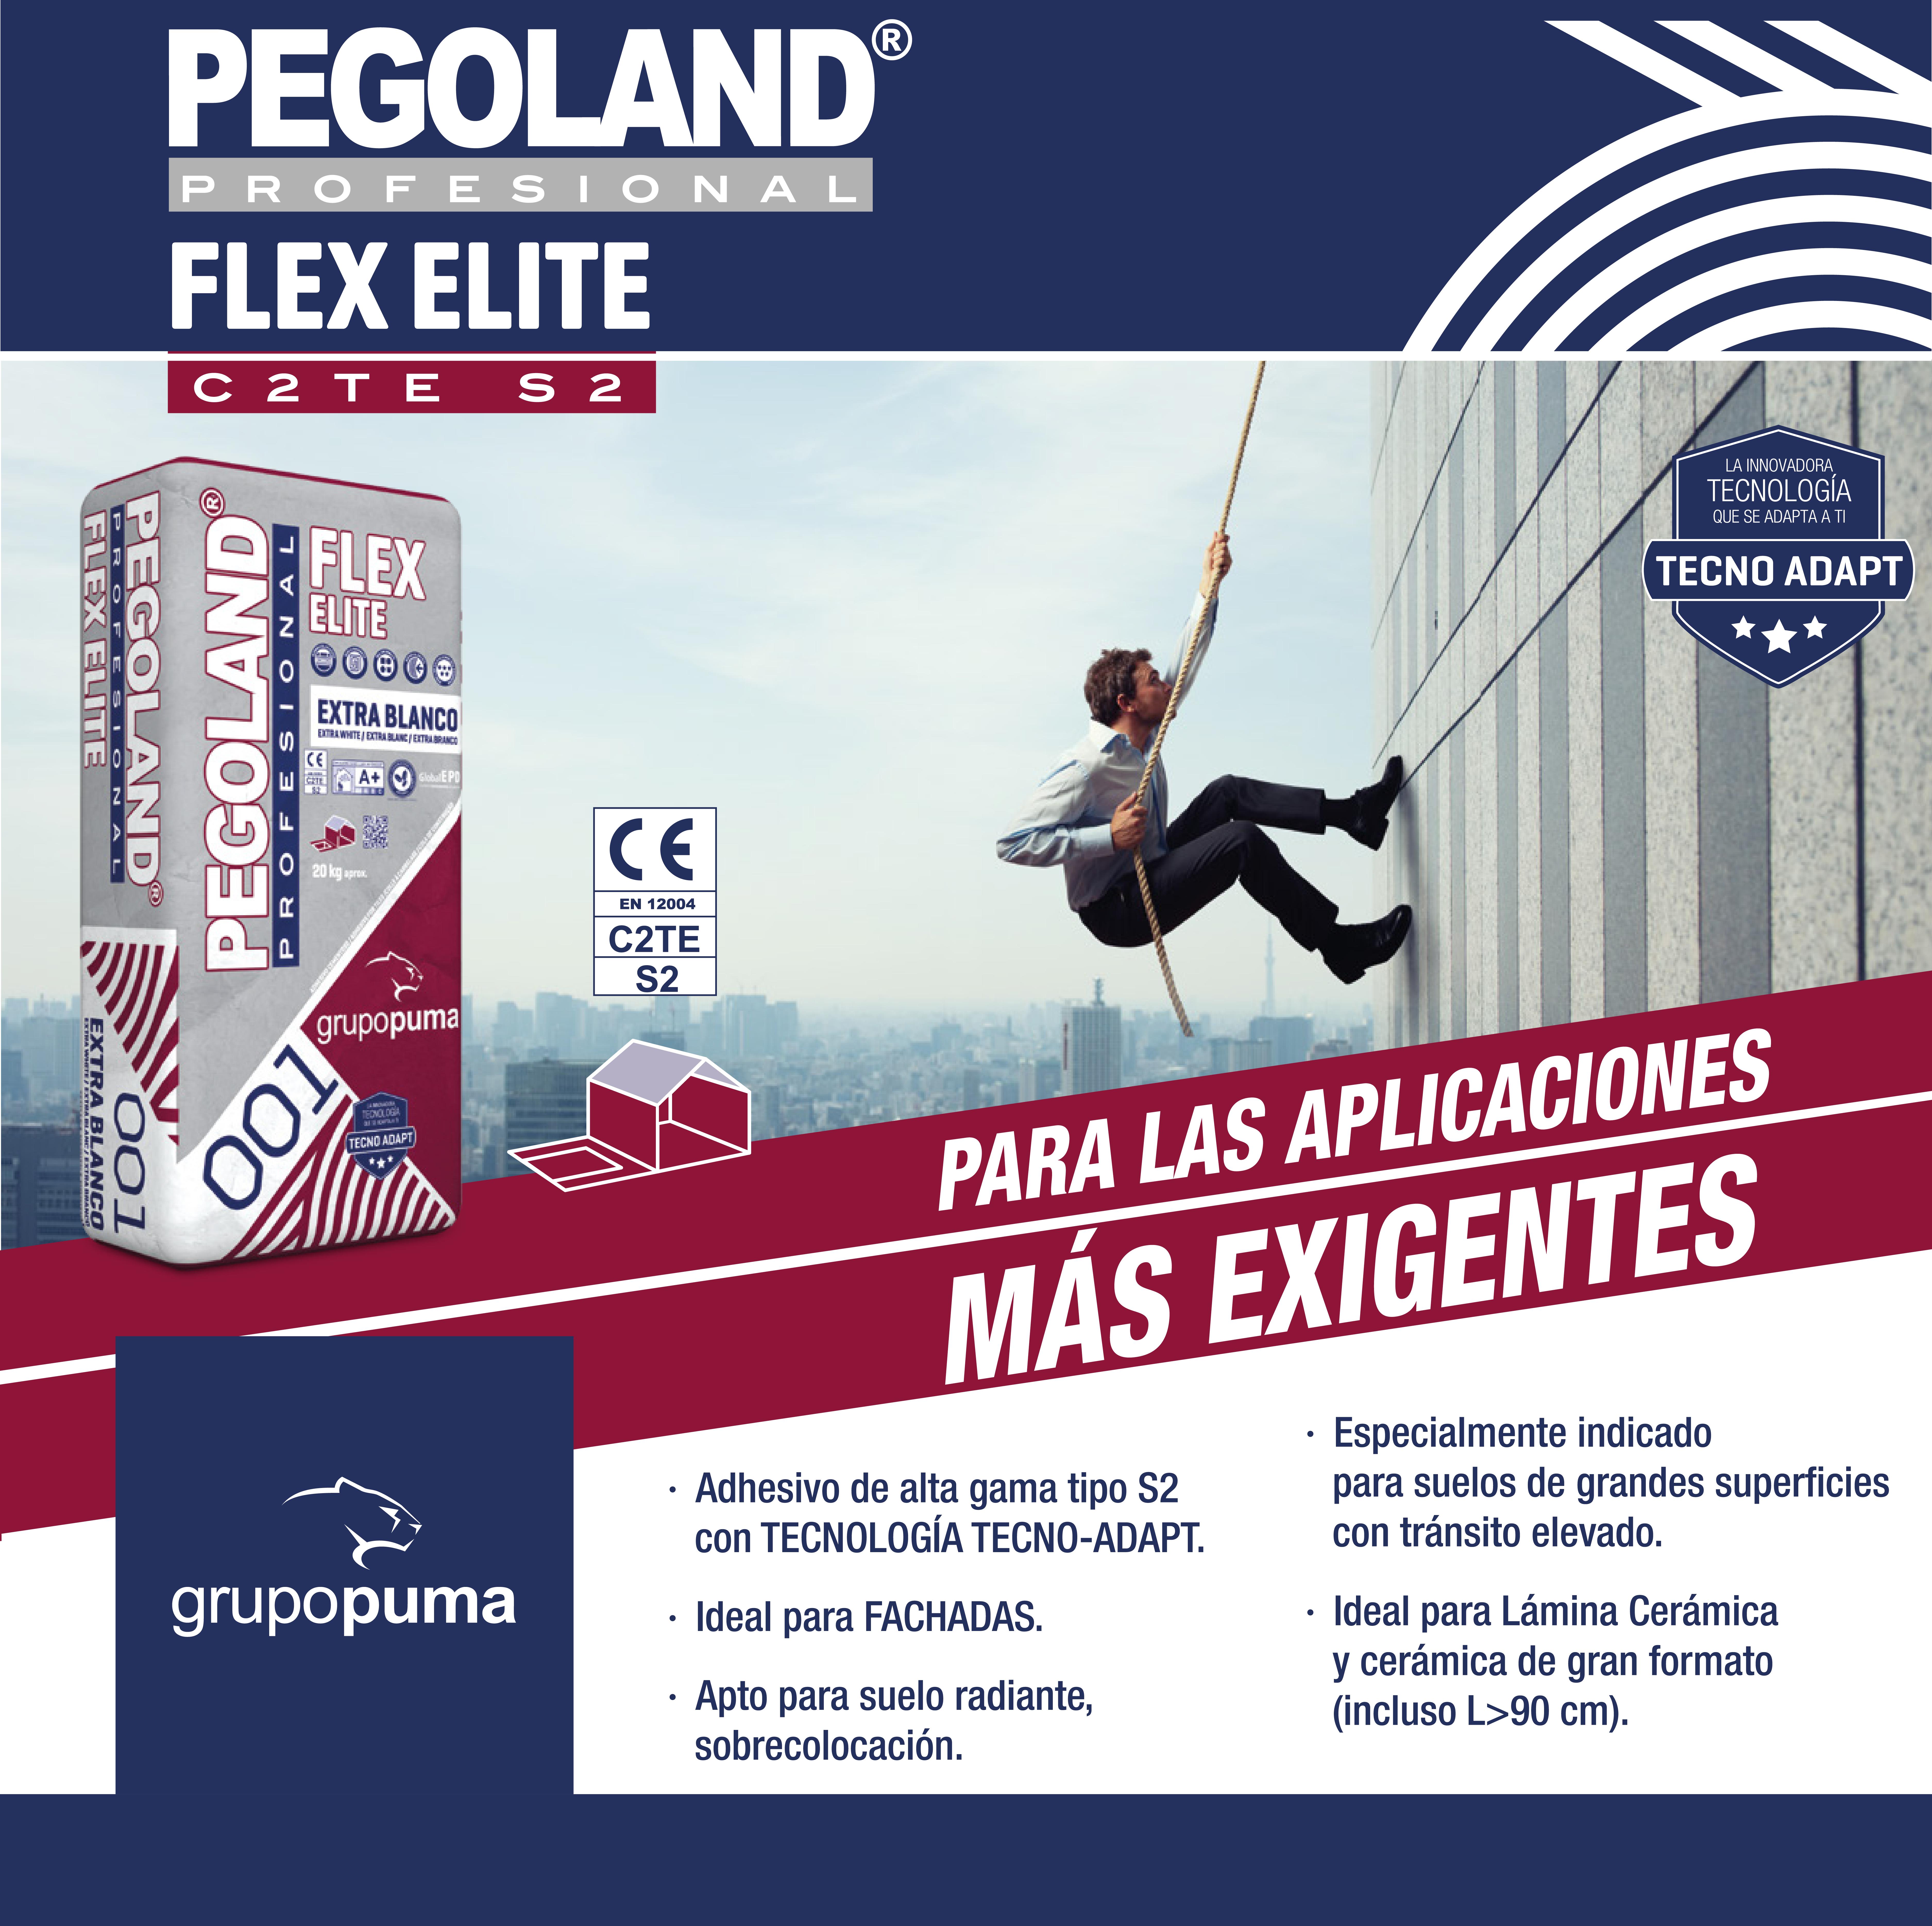 PEGOLAND PROFESIONAL FLEX ELITE